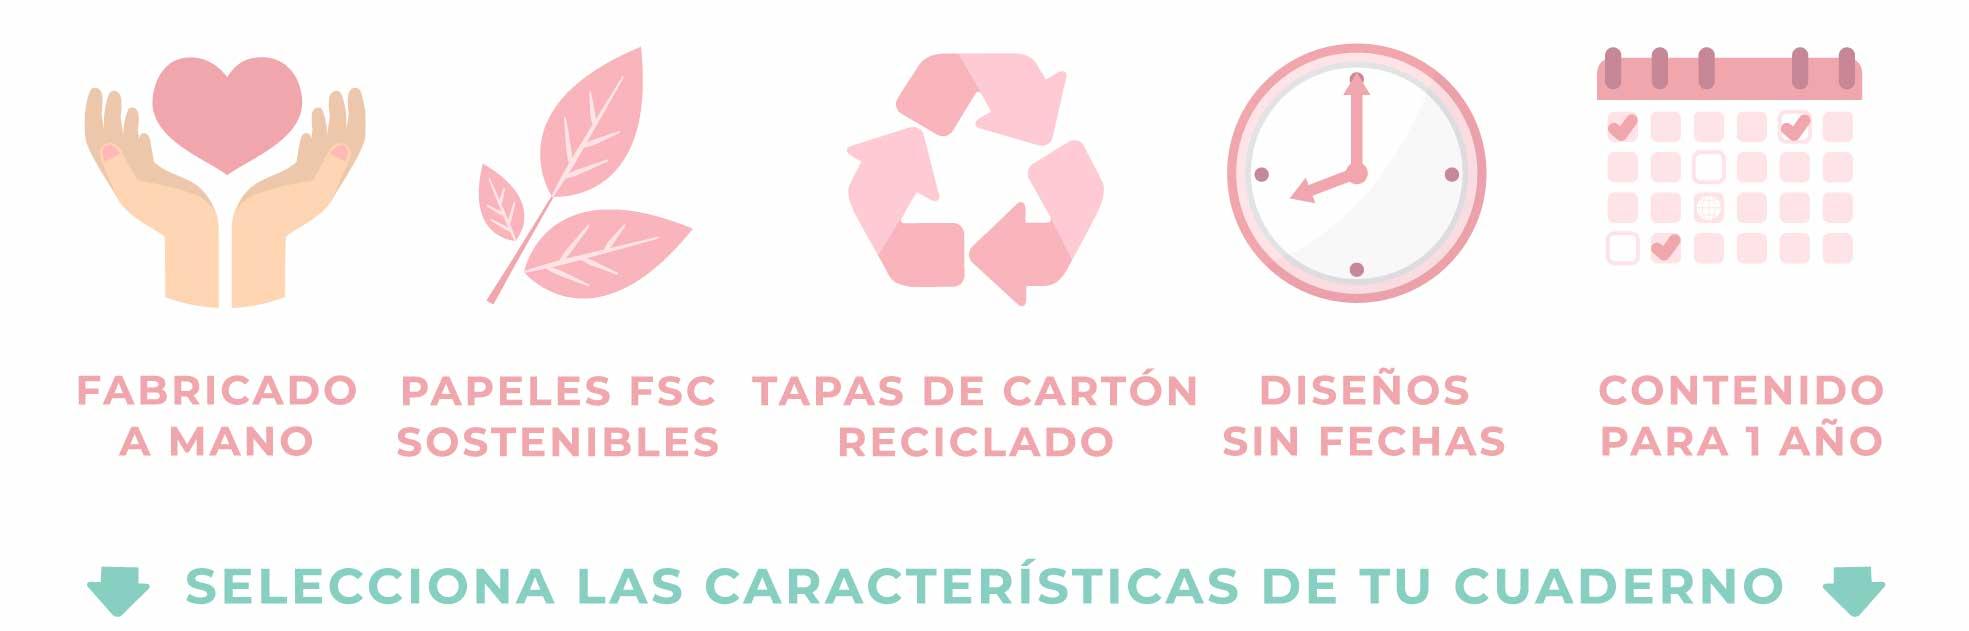 logos pagina de producto abiebrown_1.jpg